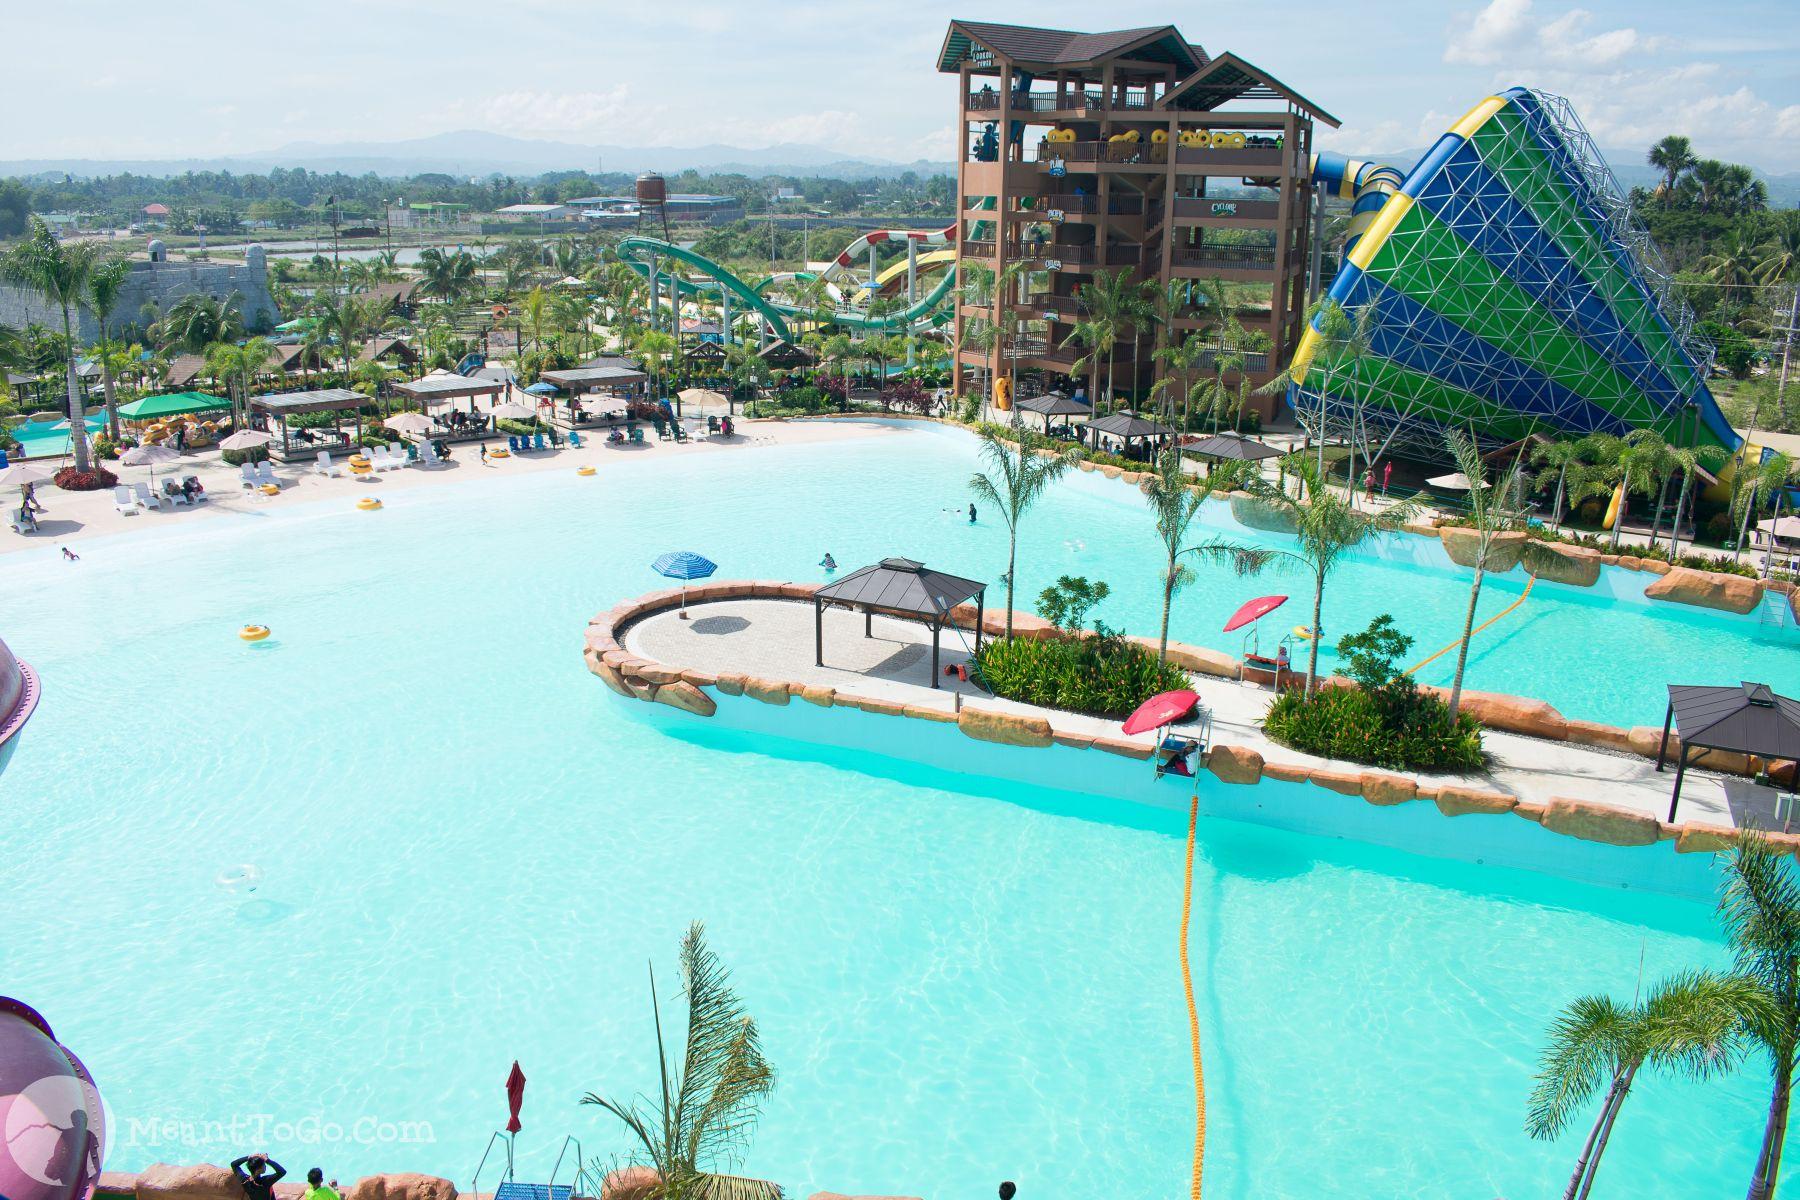 The Buccaneer Bay, Seven Seas Waterpark & Resort, Opol, Misamins Oriental